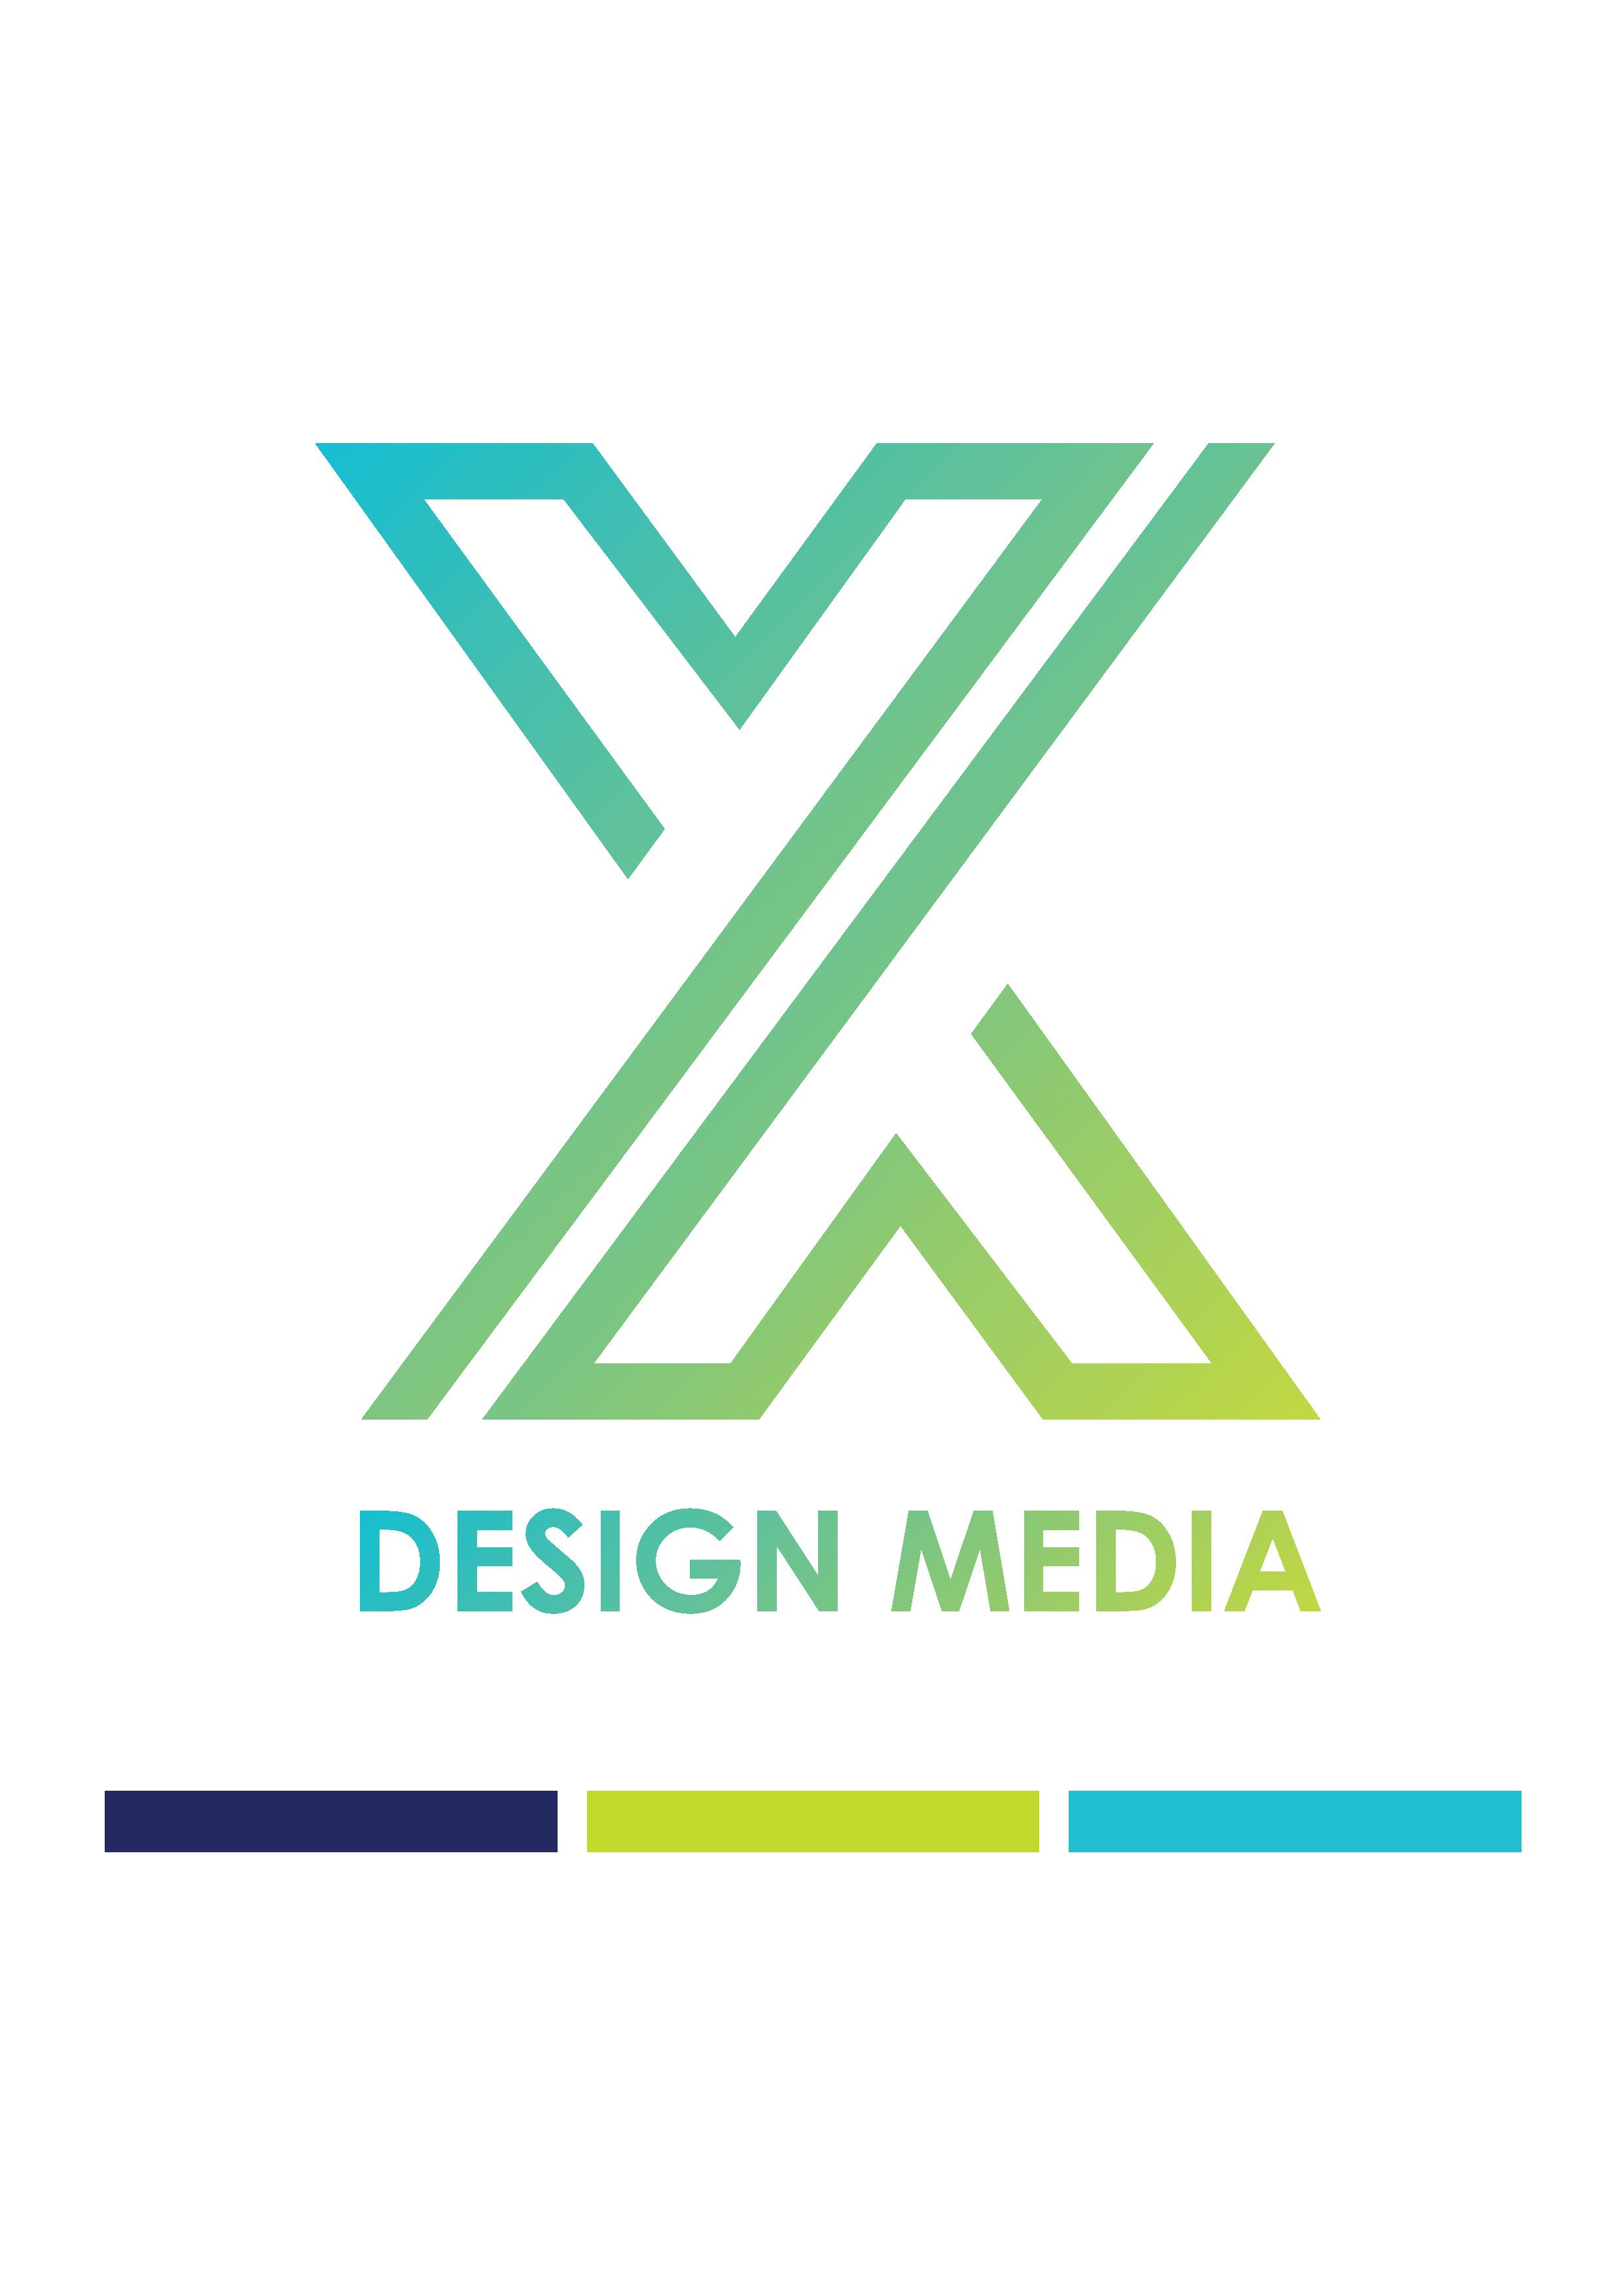 X Design Media